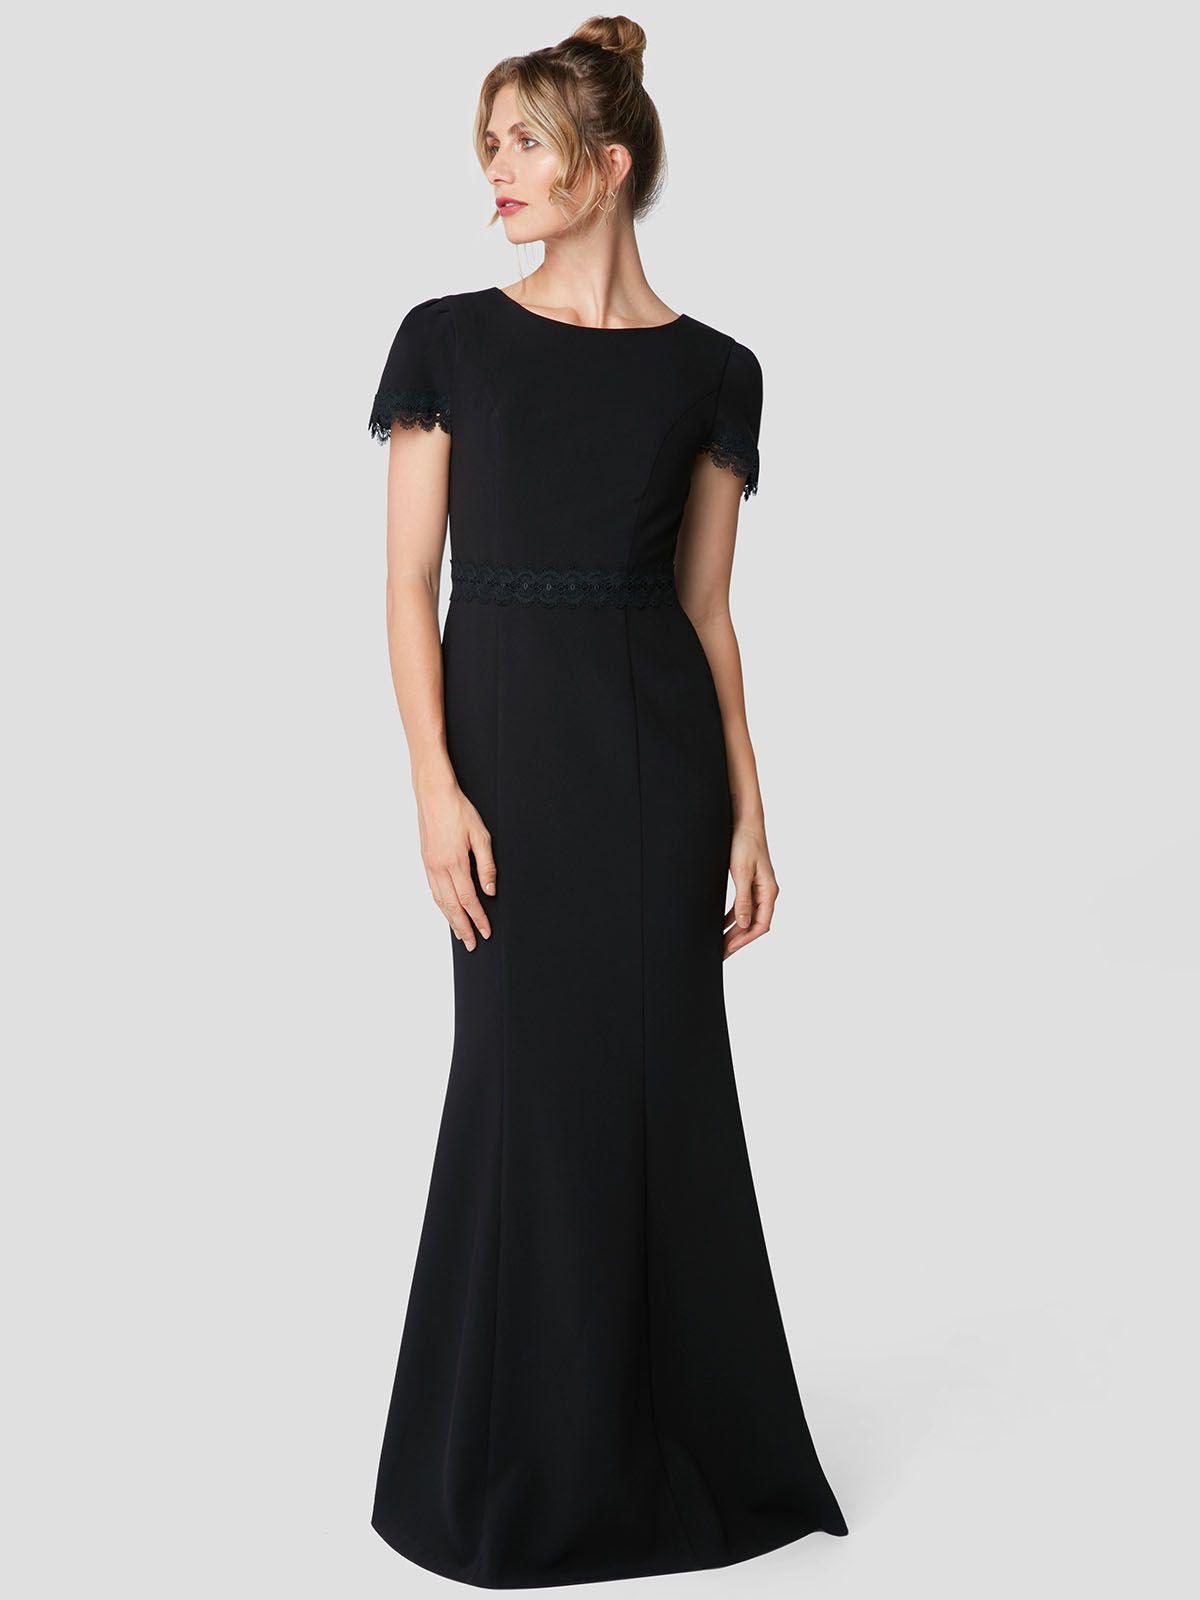 Formal Einzigartig Abendkleid Schwarz Schlicht Design13 Schön Abendkleid Schwarz Schlicht für 2019